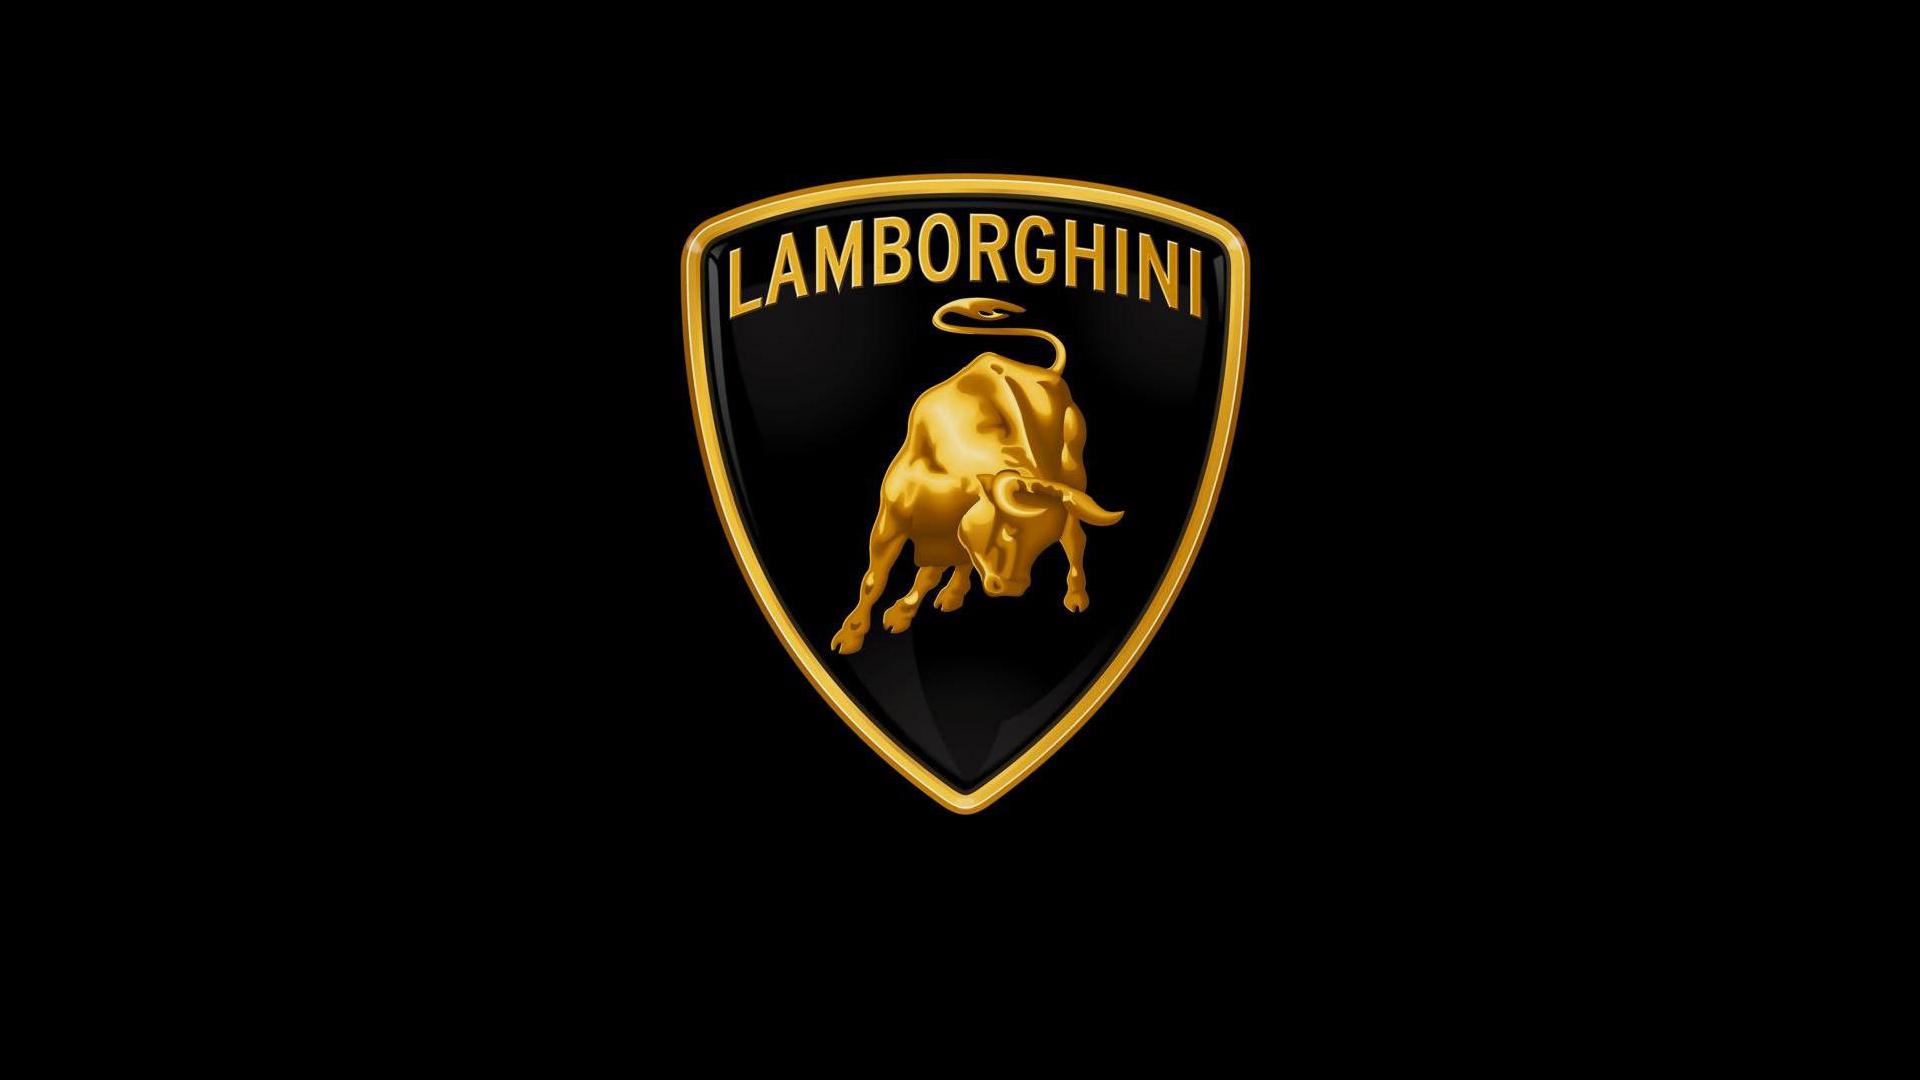 12477 Hintergrundbild herunterladen Marken, Logos, Lamborghini - Bildschirmschoner und Bilder kostenlos